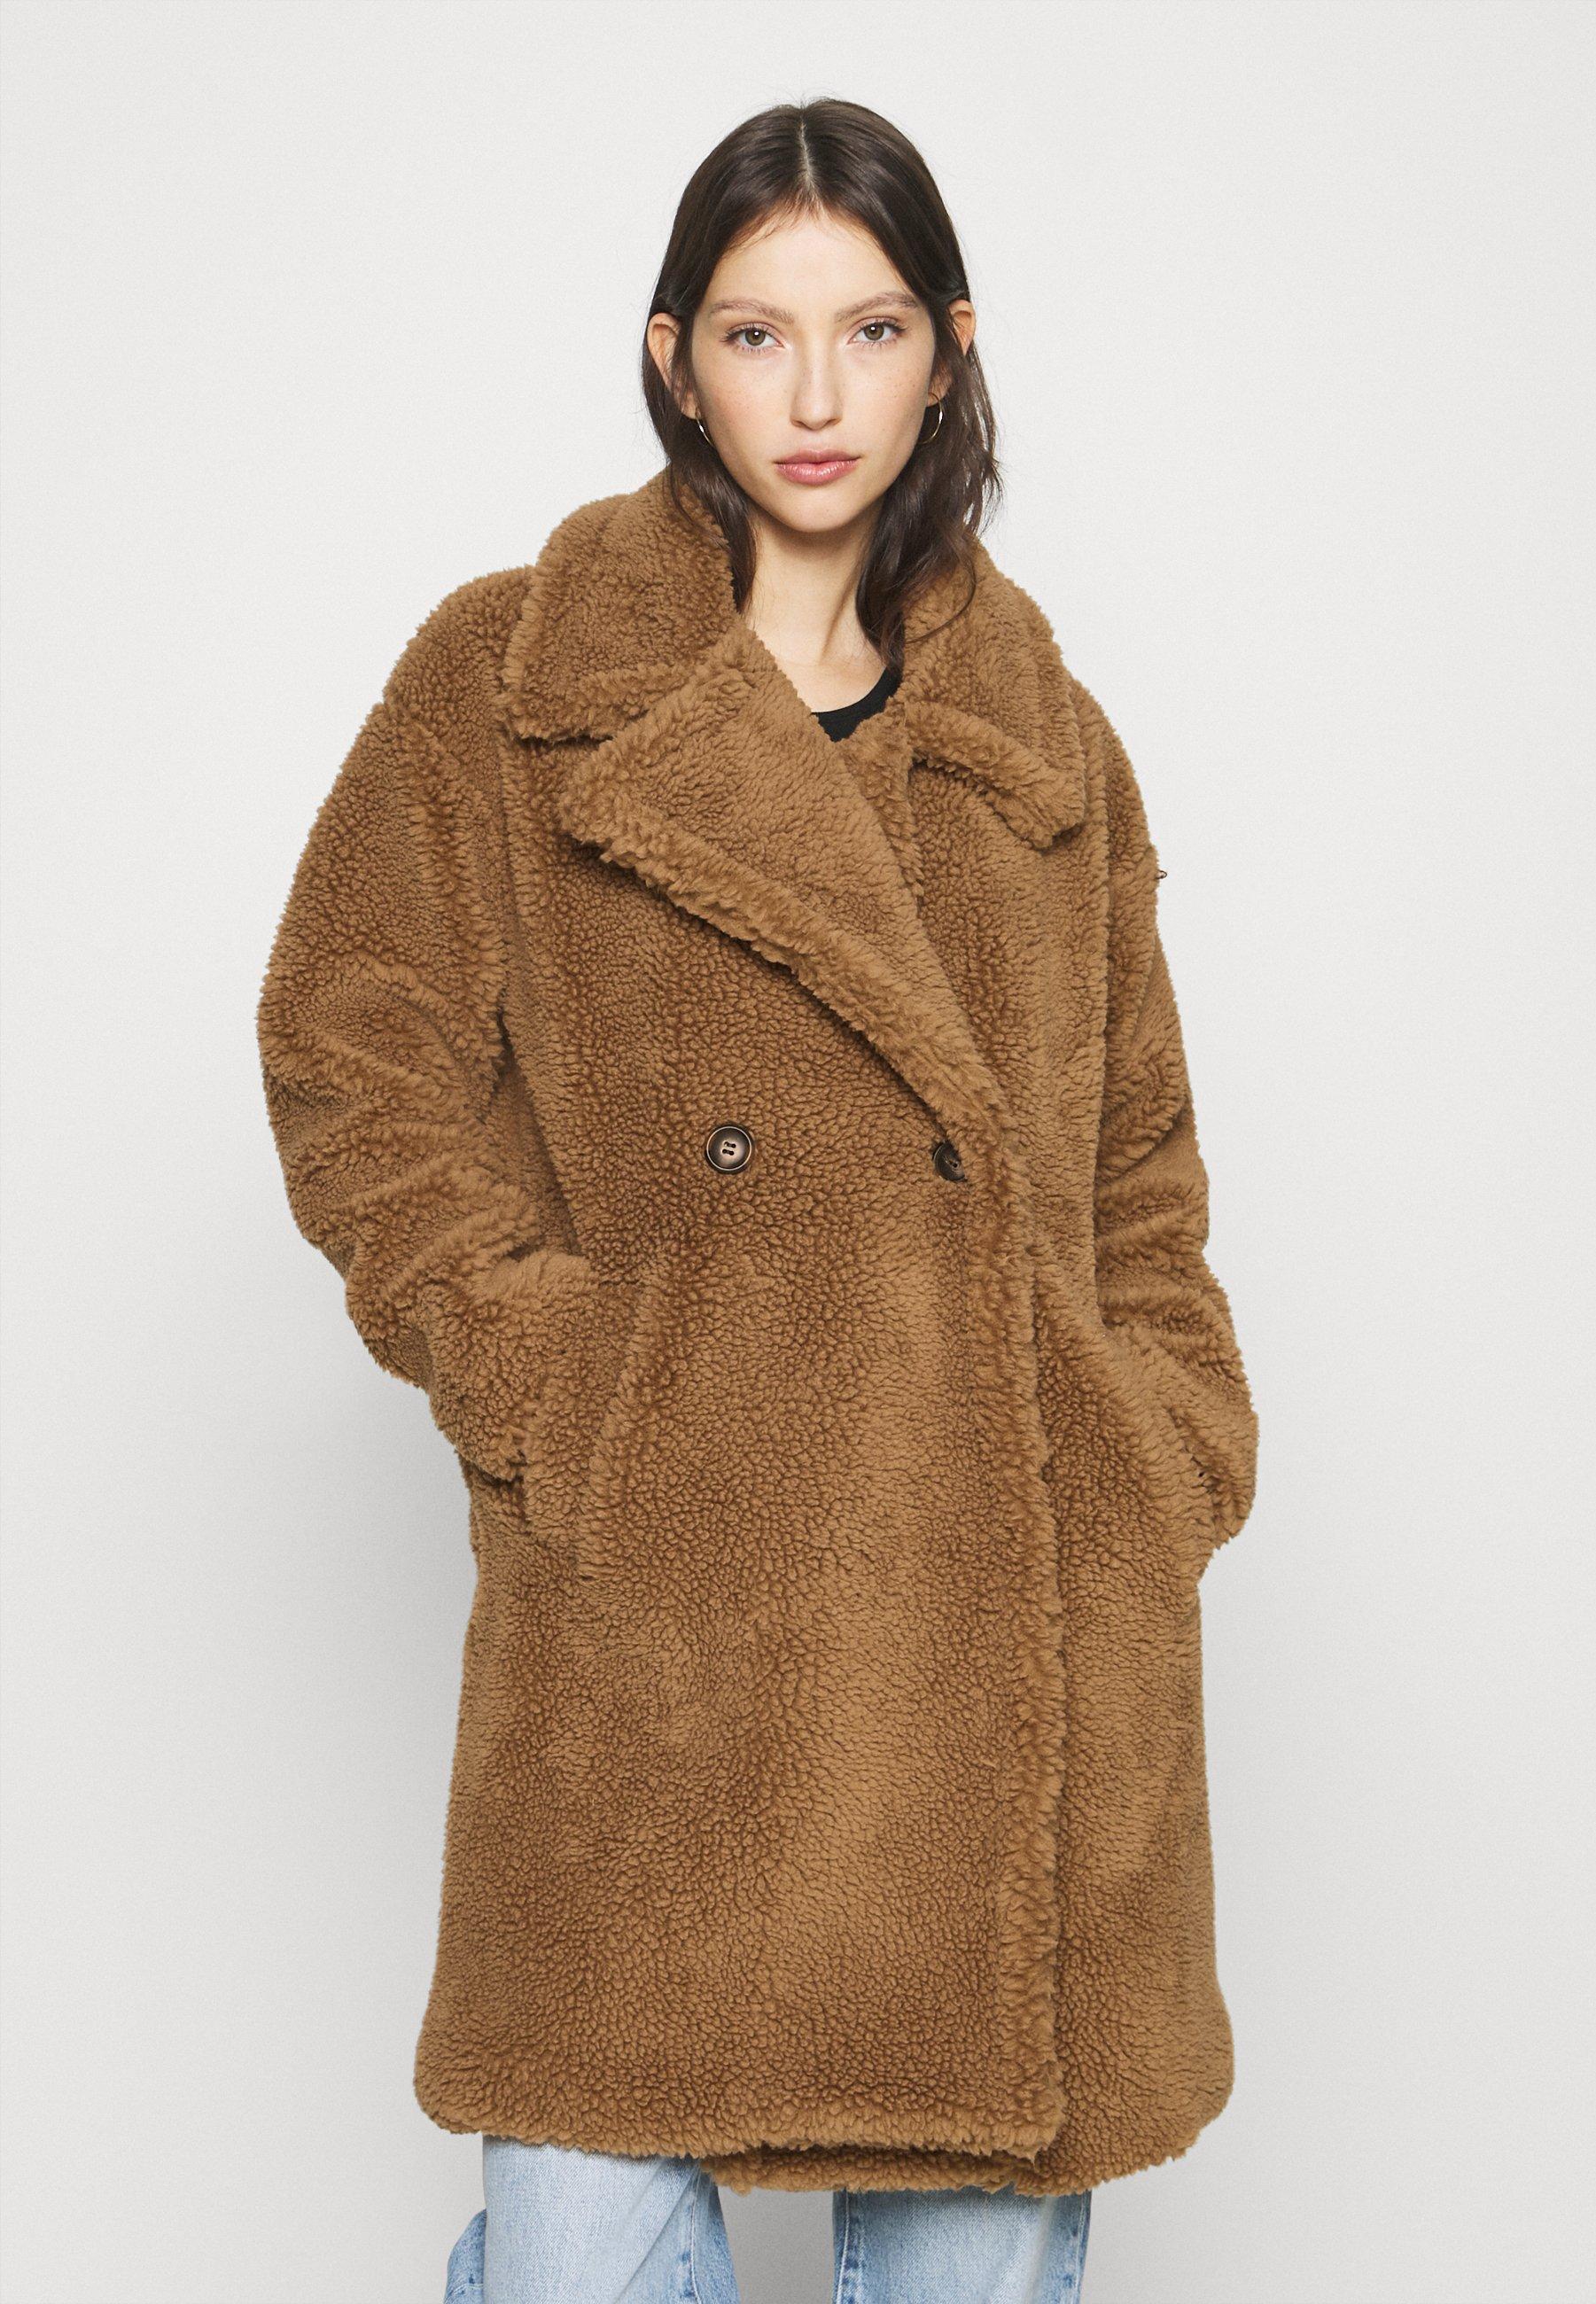 Bruine Wollen jassen dames online kopen | Gratis verzending